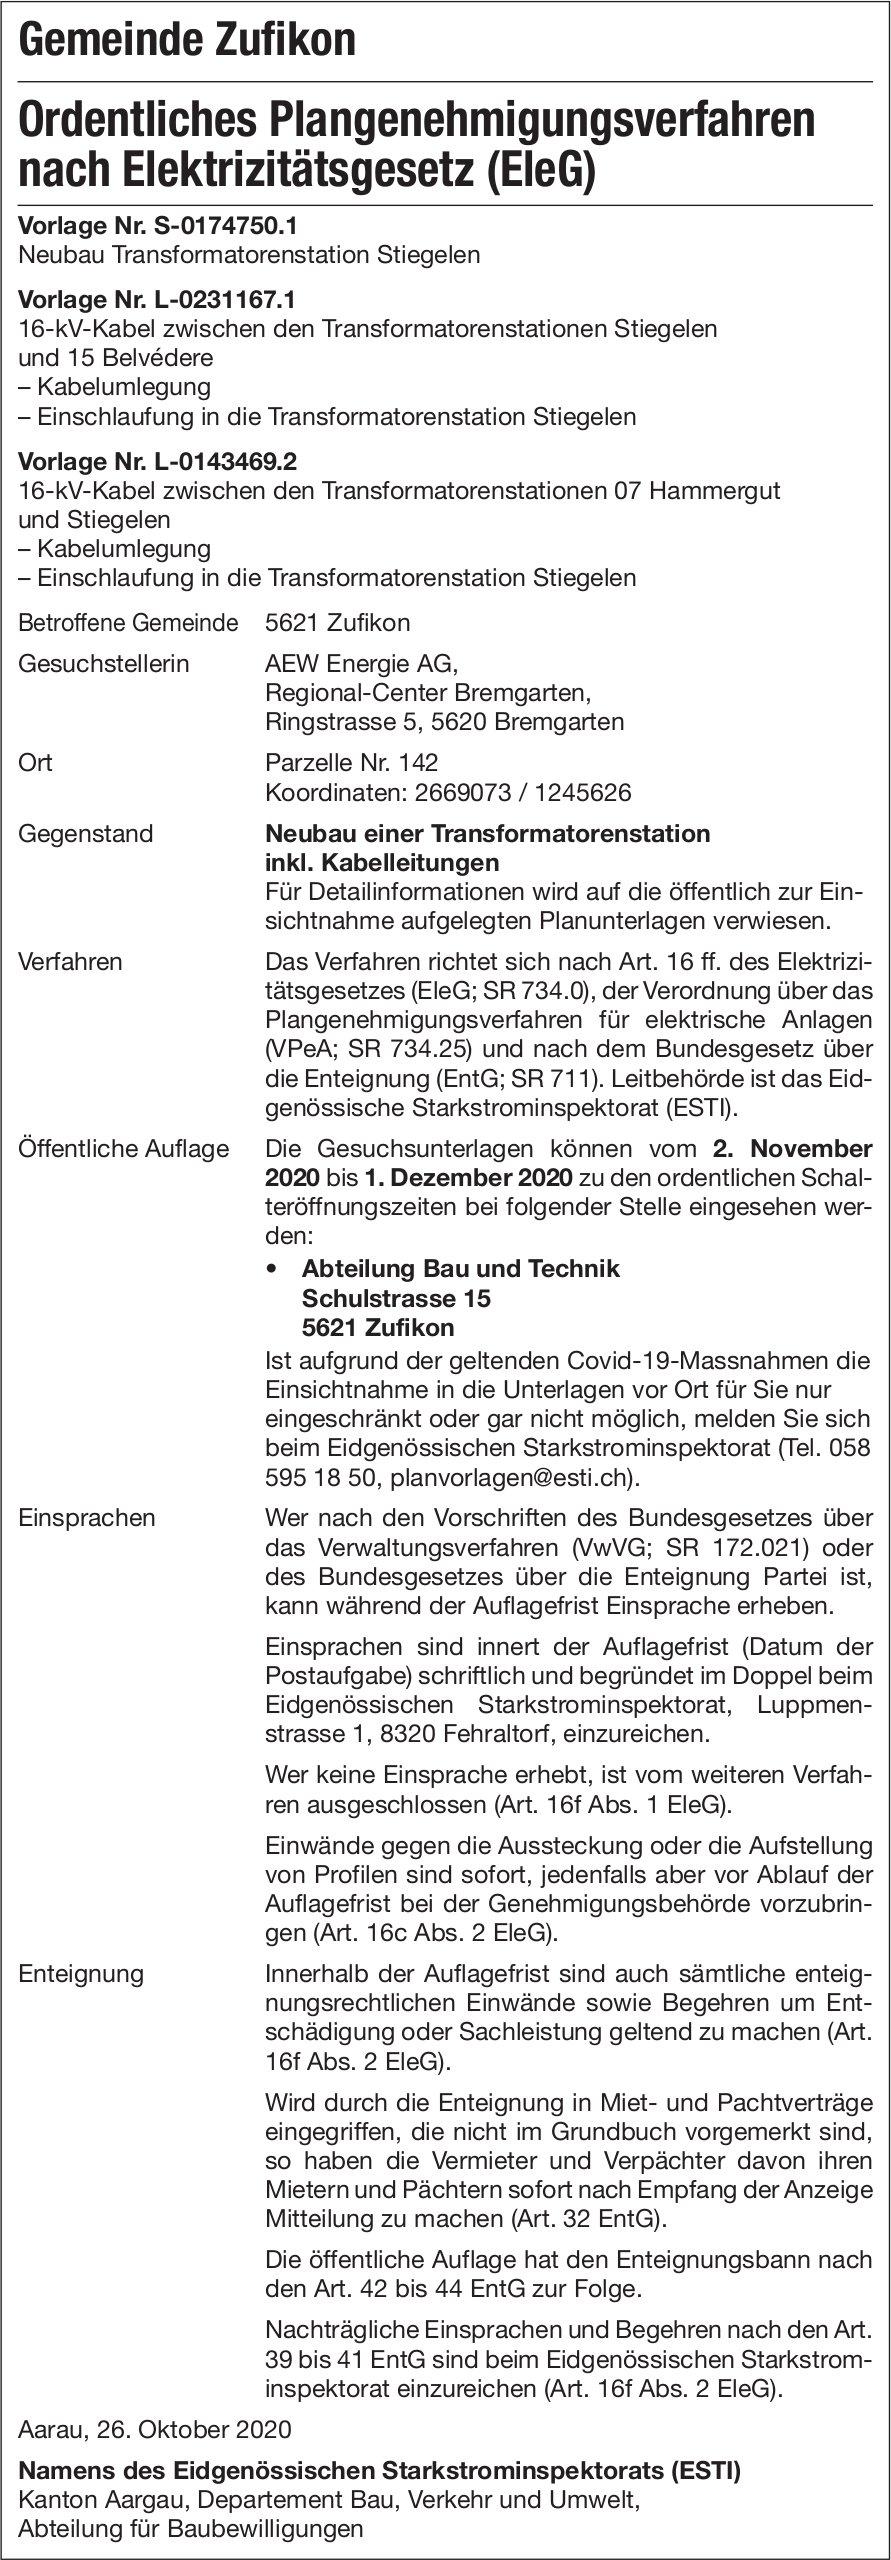 Gemeinde Zufikon - Ordentliches Plangenehmigungsverfahren nach Elektrizitätsgesetz (EleG)